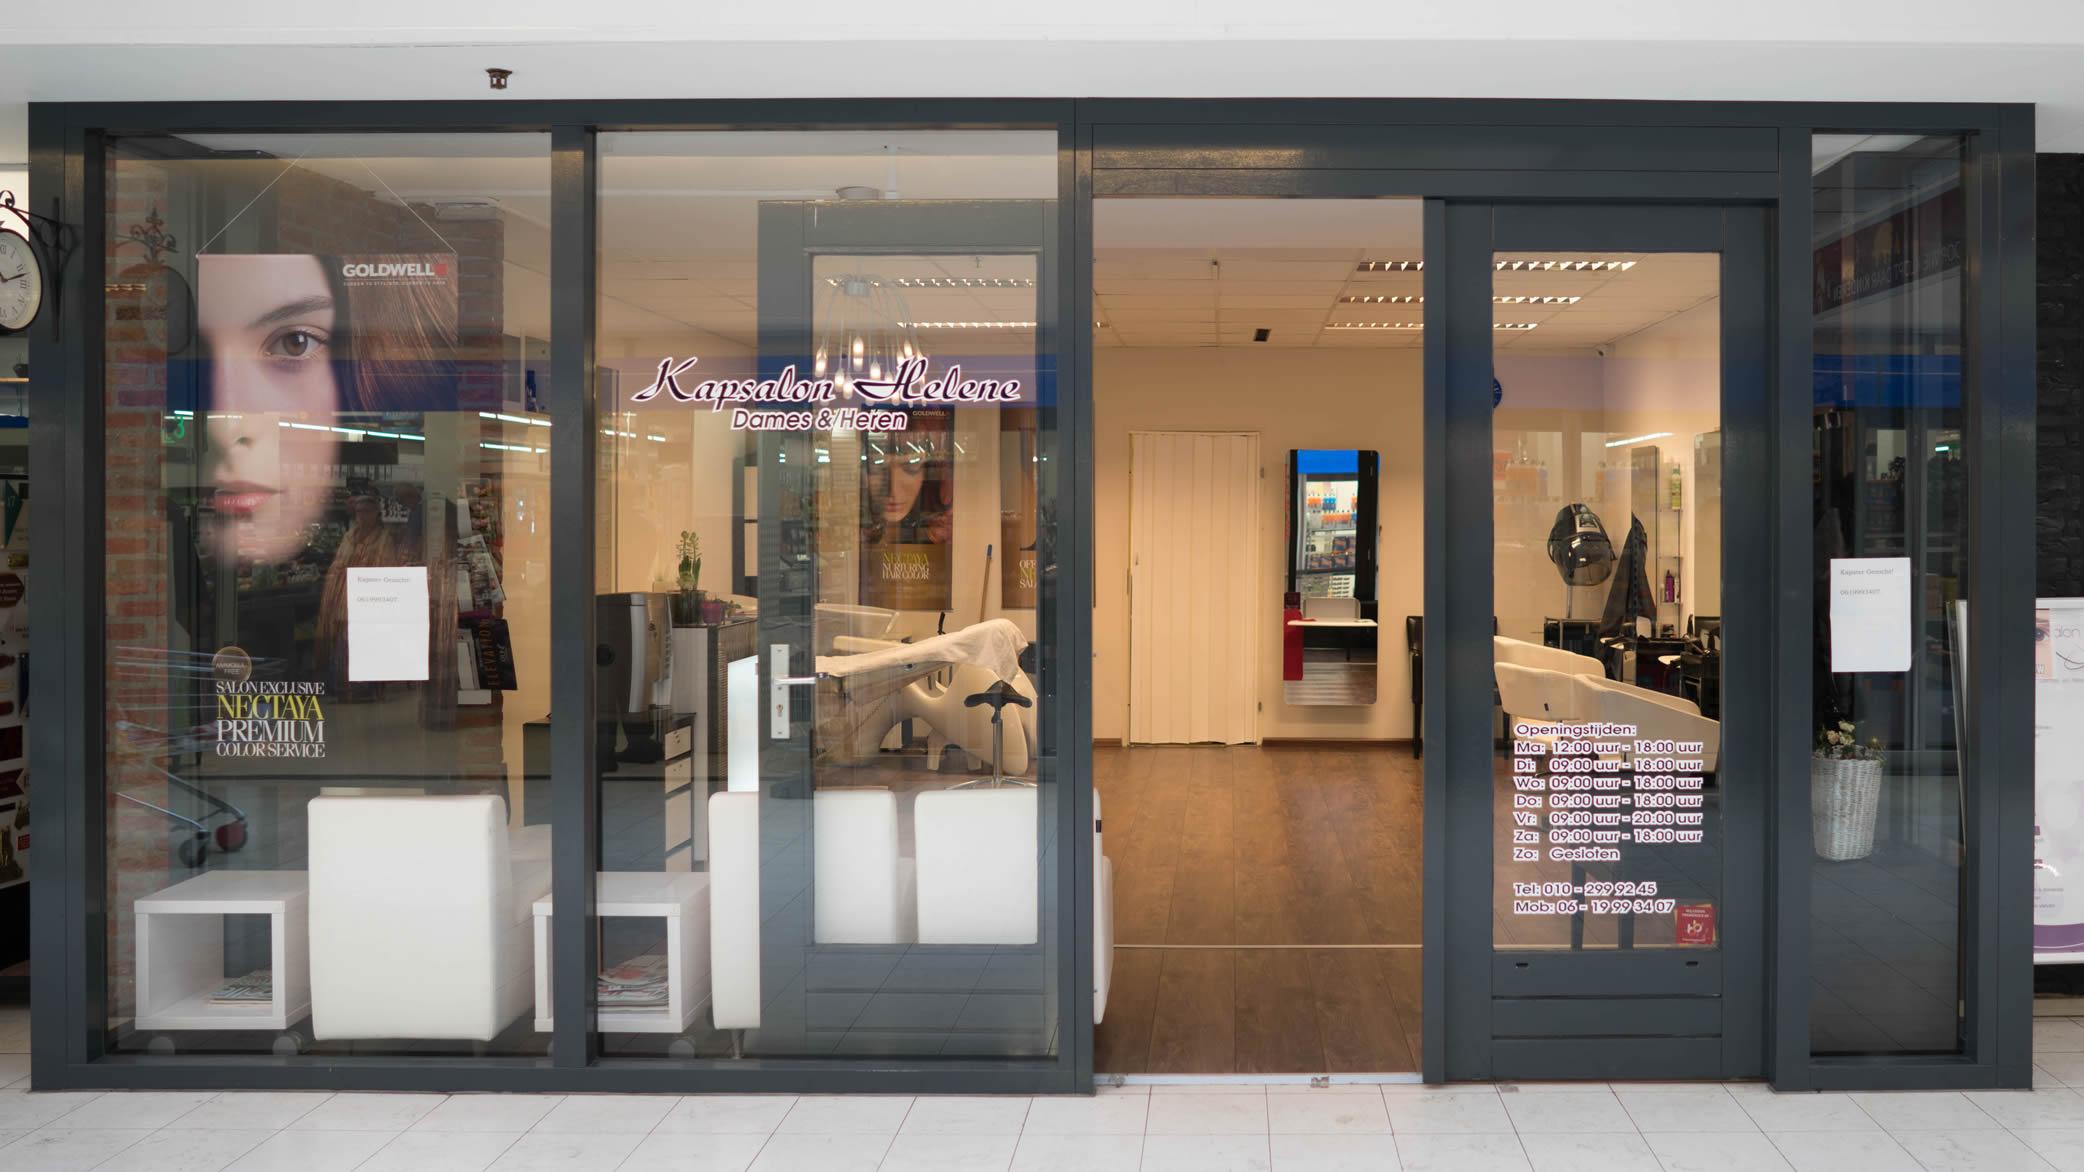 Winkelcentrum De Terp Kapsalon Helene